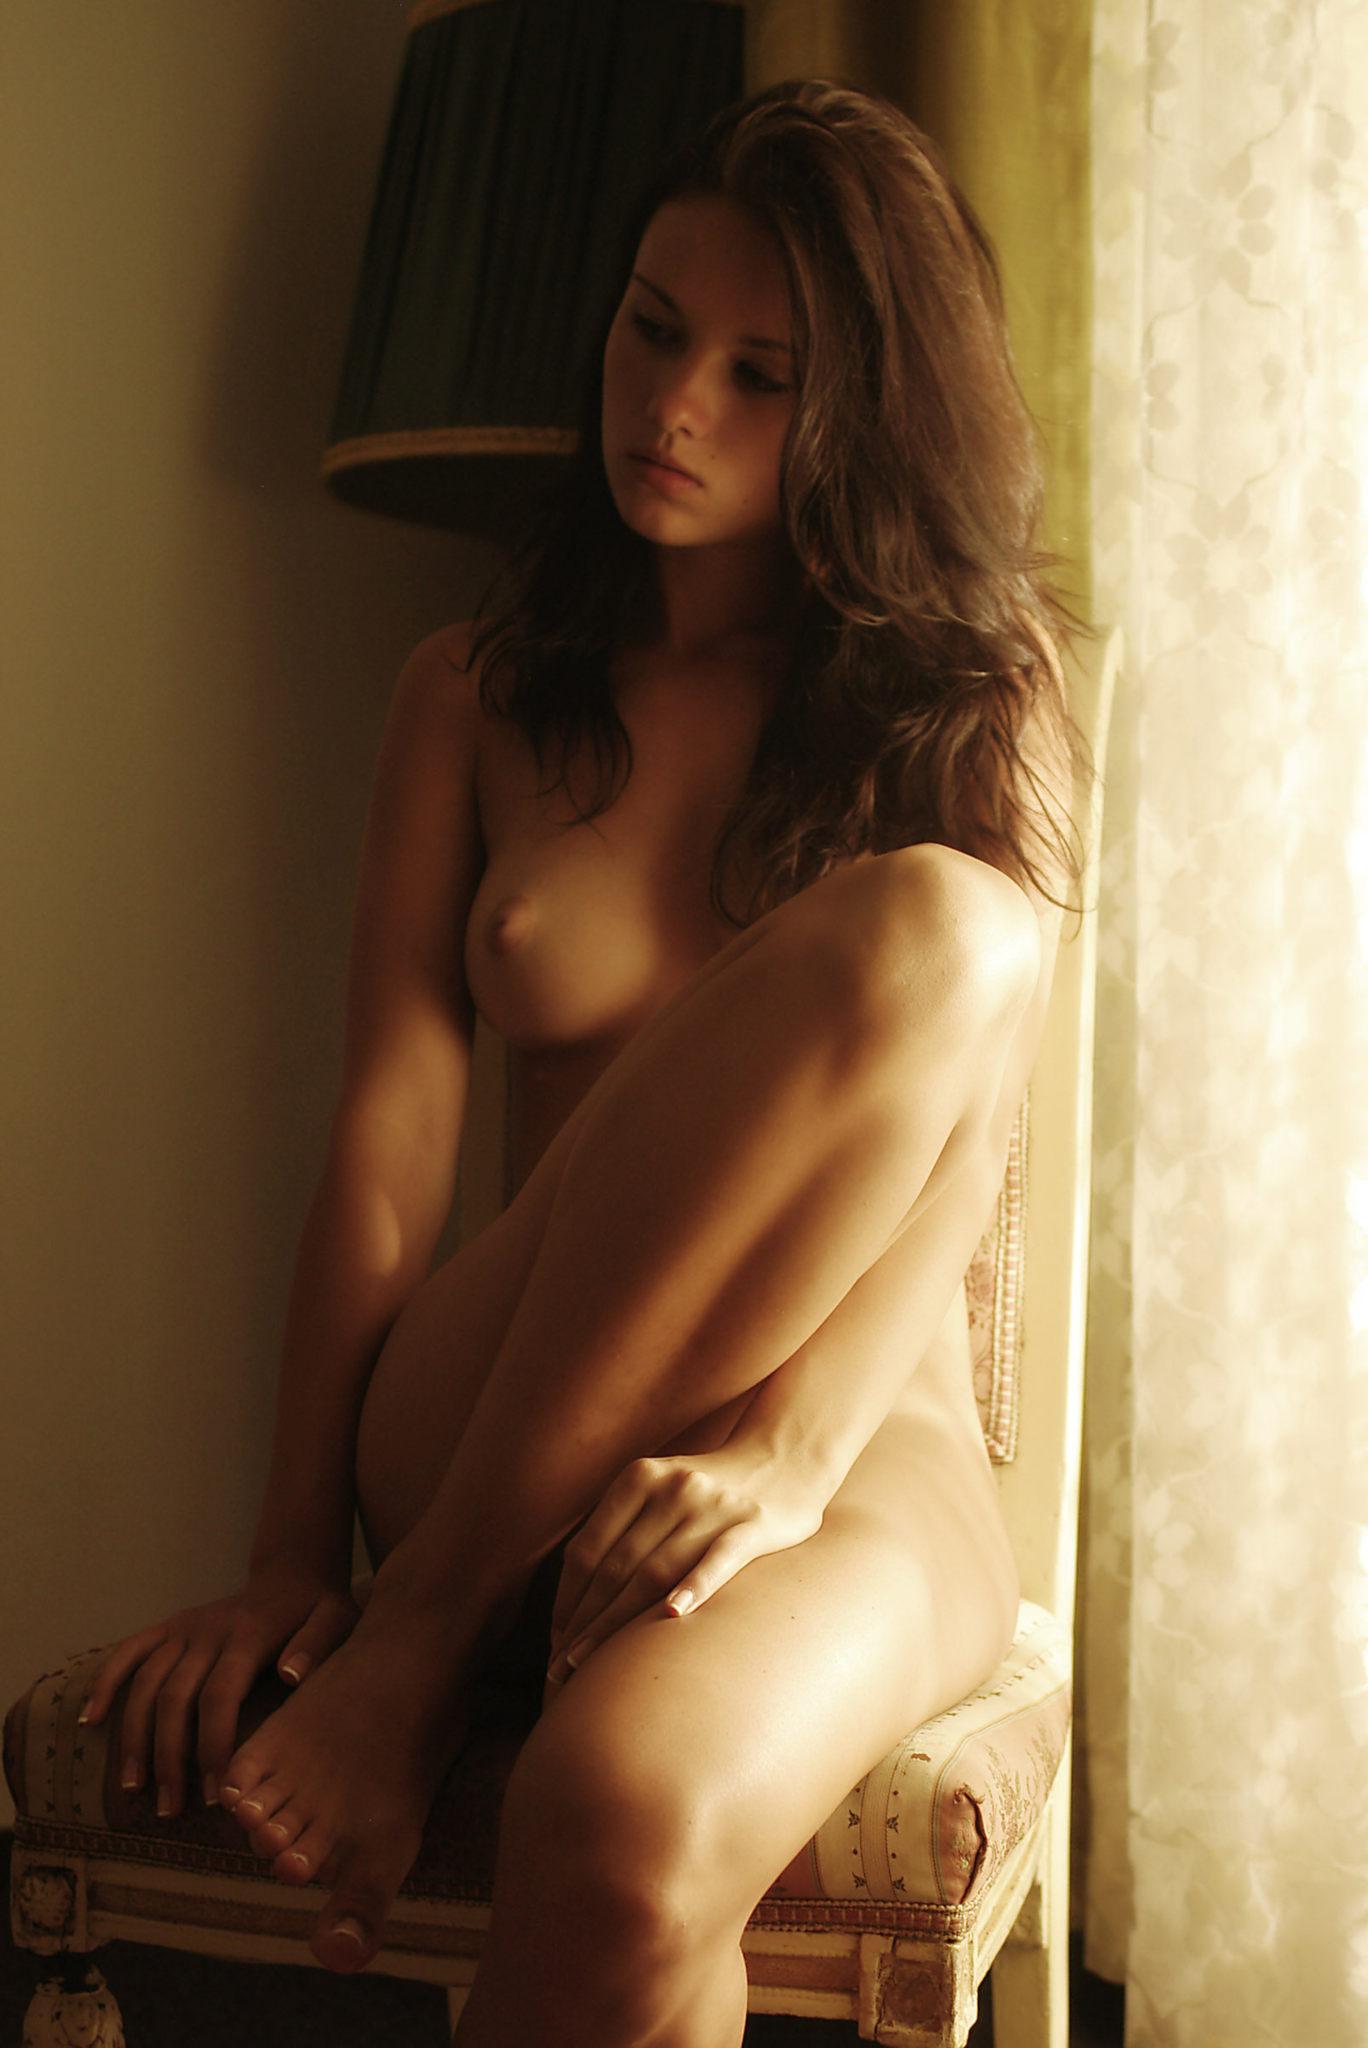 Эротика красивые девушки 18 10 фотография